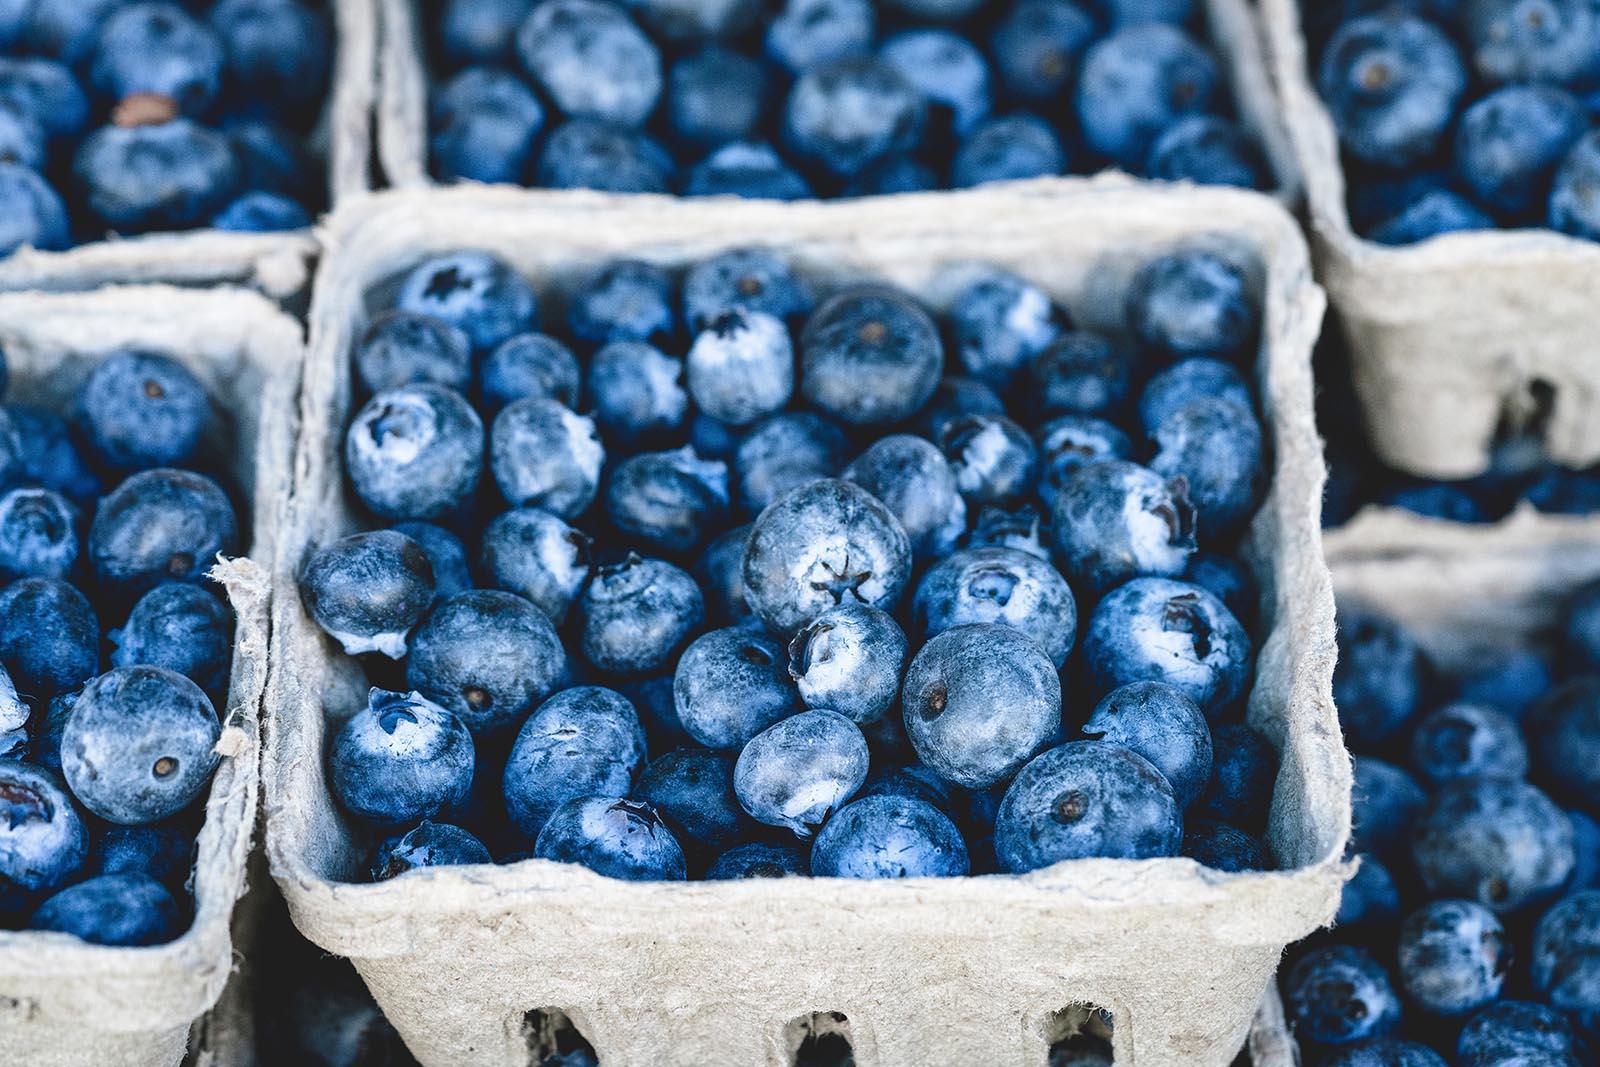 Packaging sostenibile: la carta ricavata dagli acini d'uva